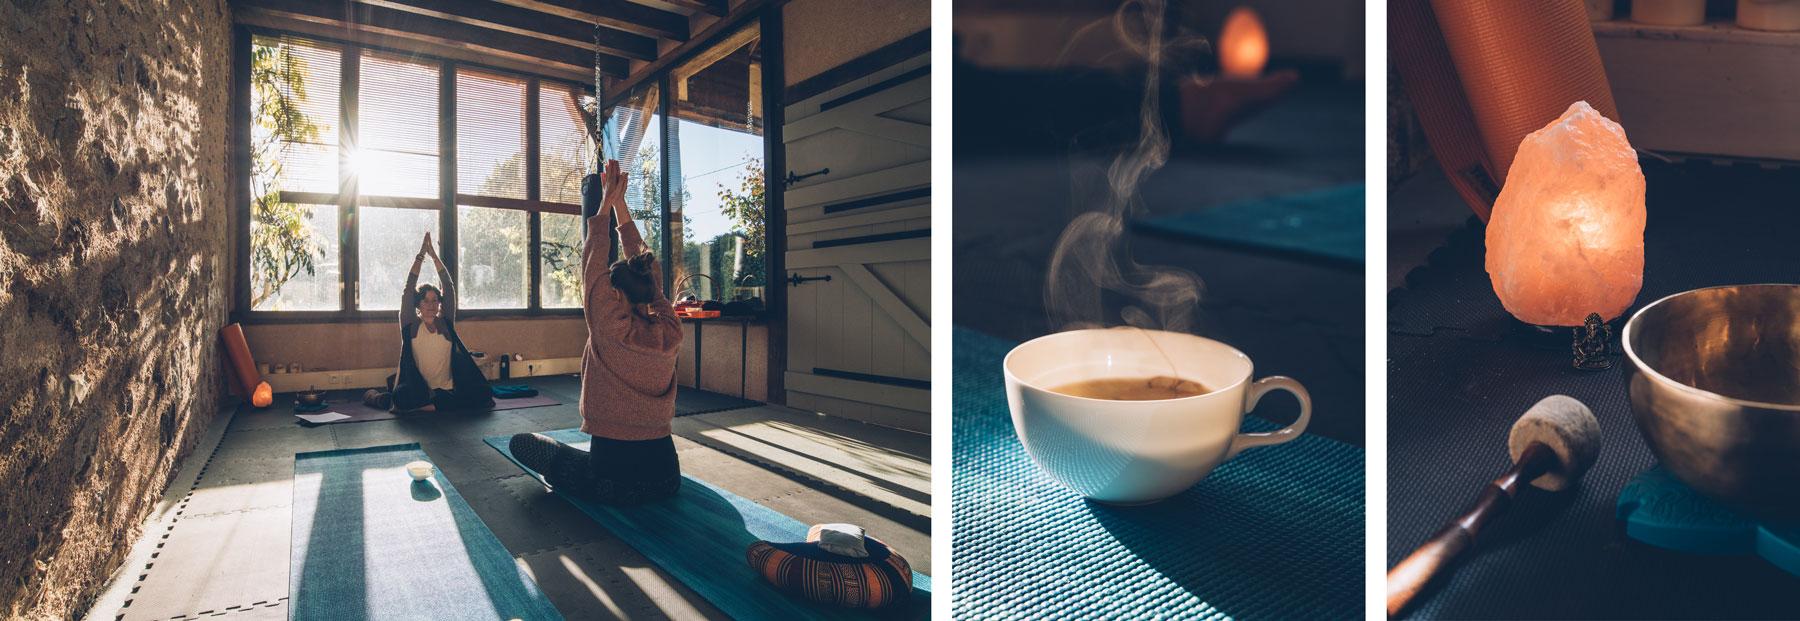 Cours de Yoga à la Campagne, Alluyes